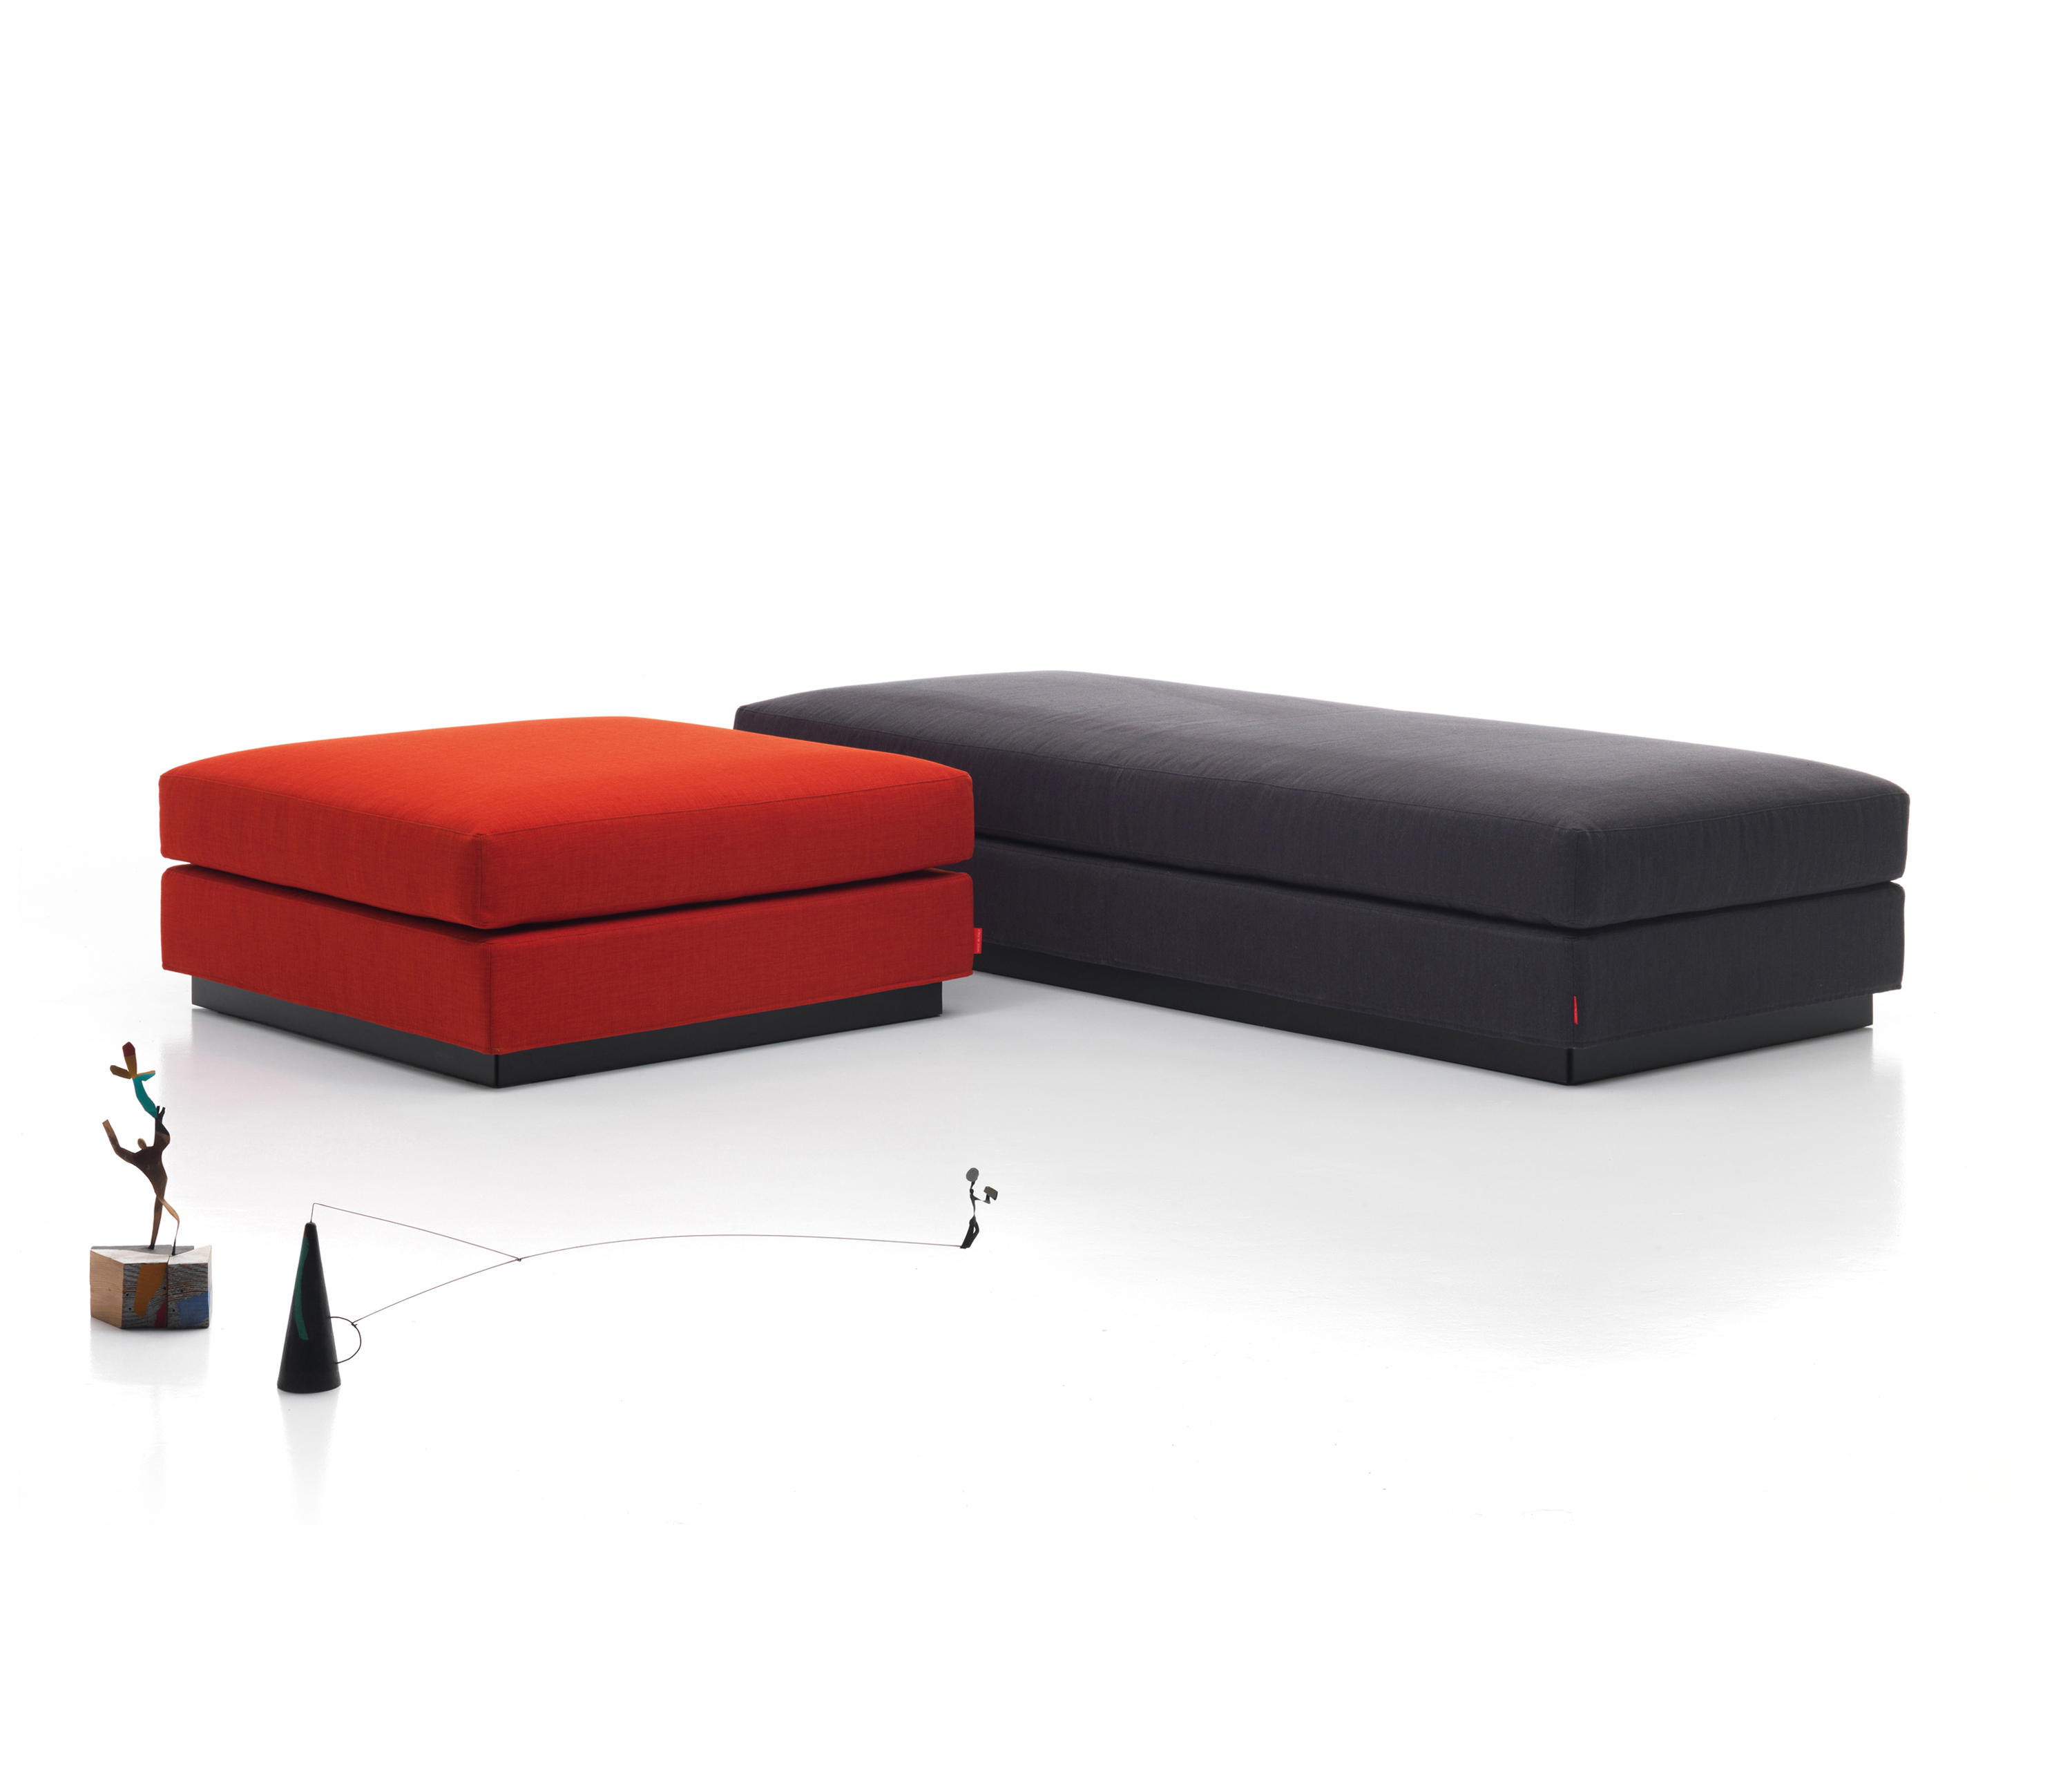 divani letto senza braccioli - pregiate divani letto di design ... - Divano Letto Matrimoniale Elettrico